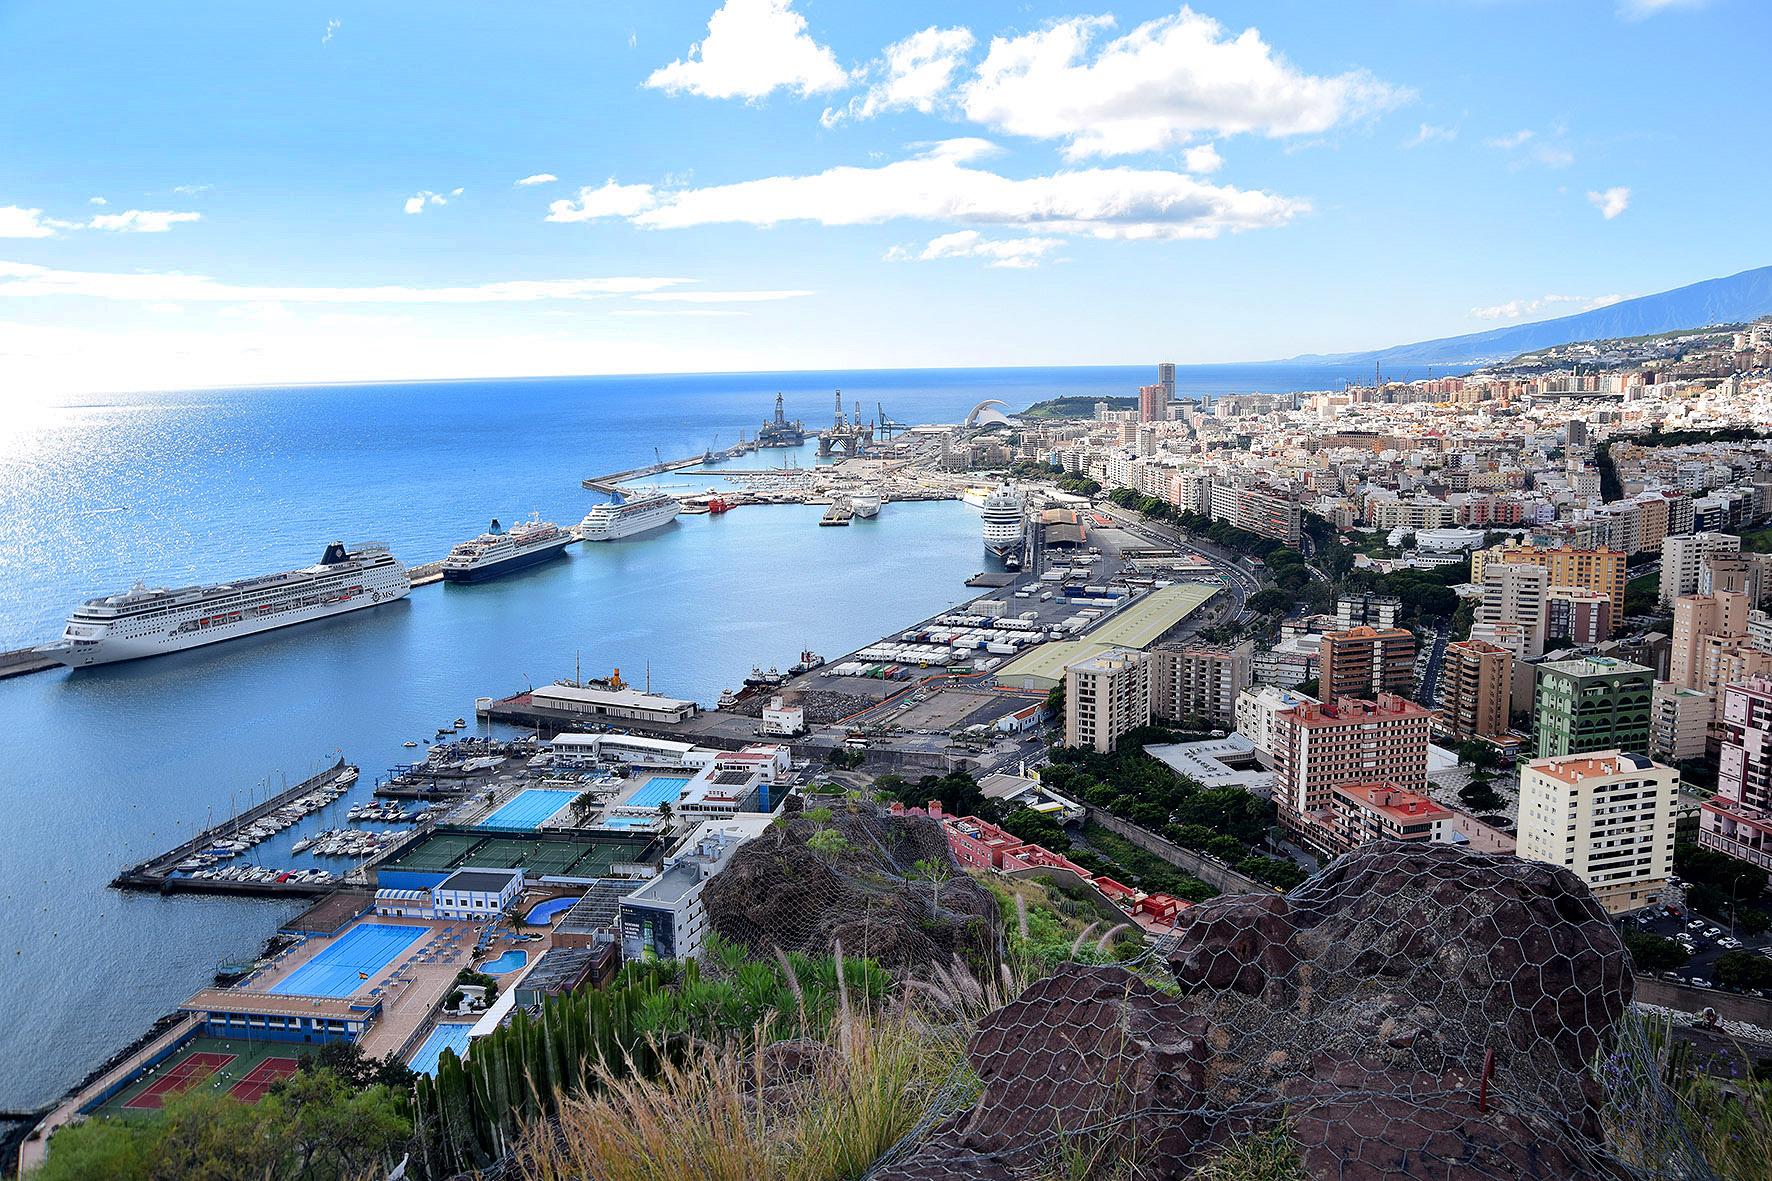 Santa Cruz pide reunirse con Binter y Aena para impulsar rutas aéreas desde Tenerife